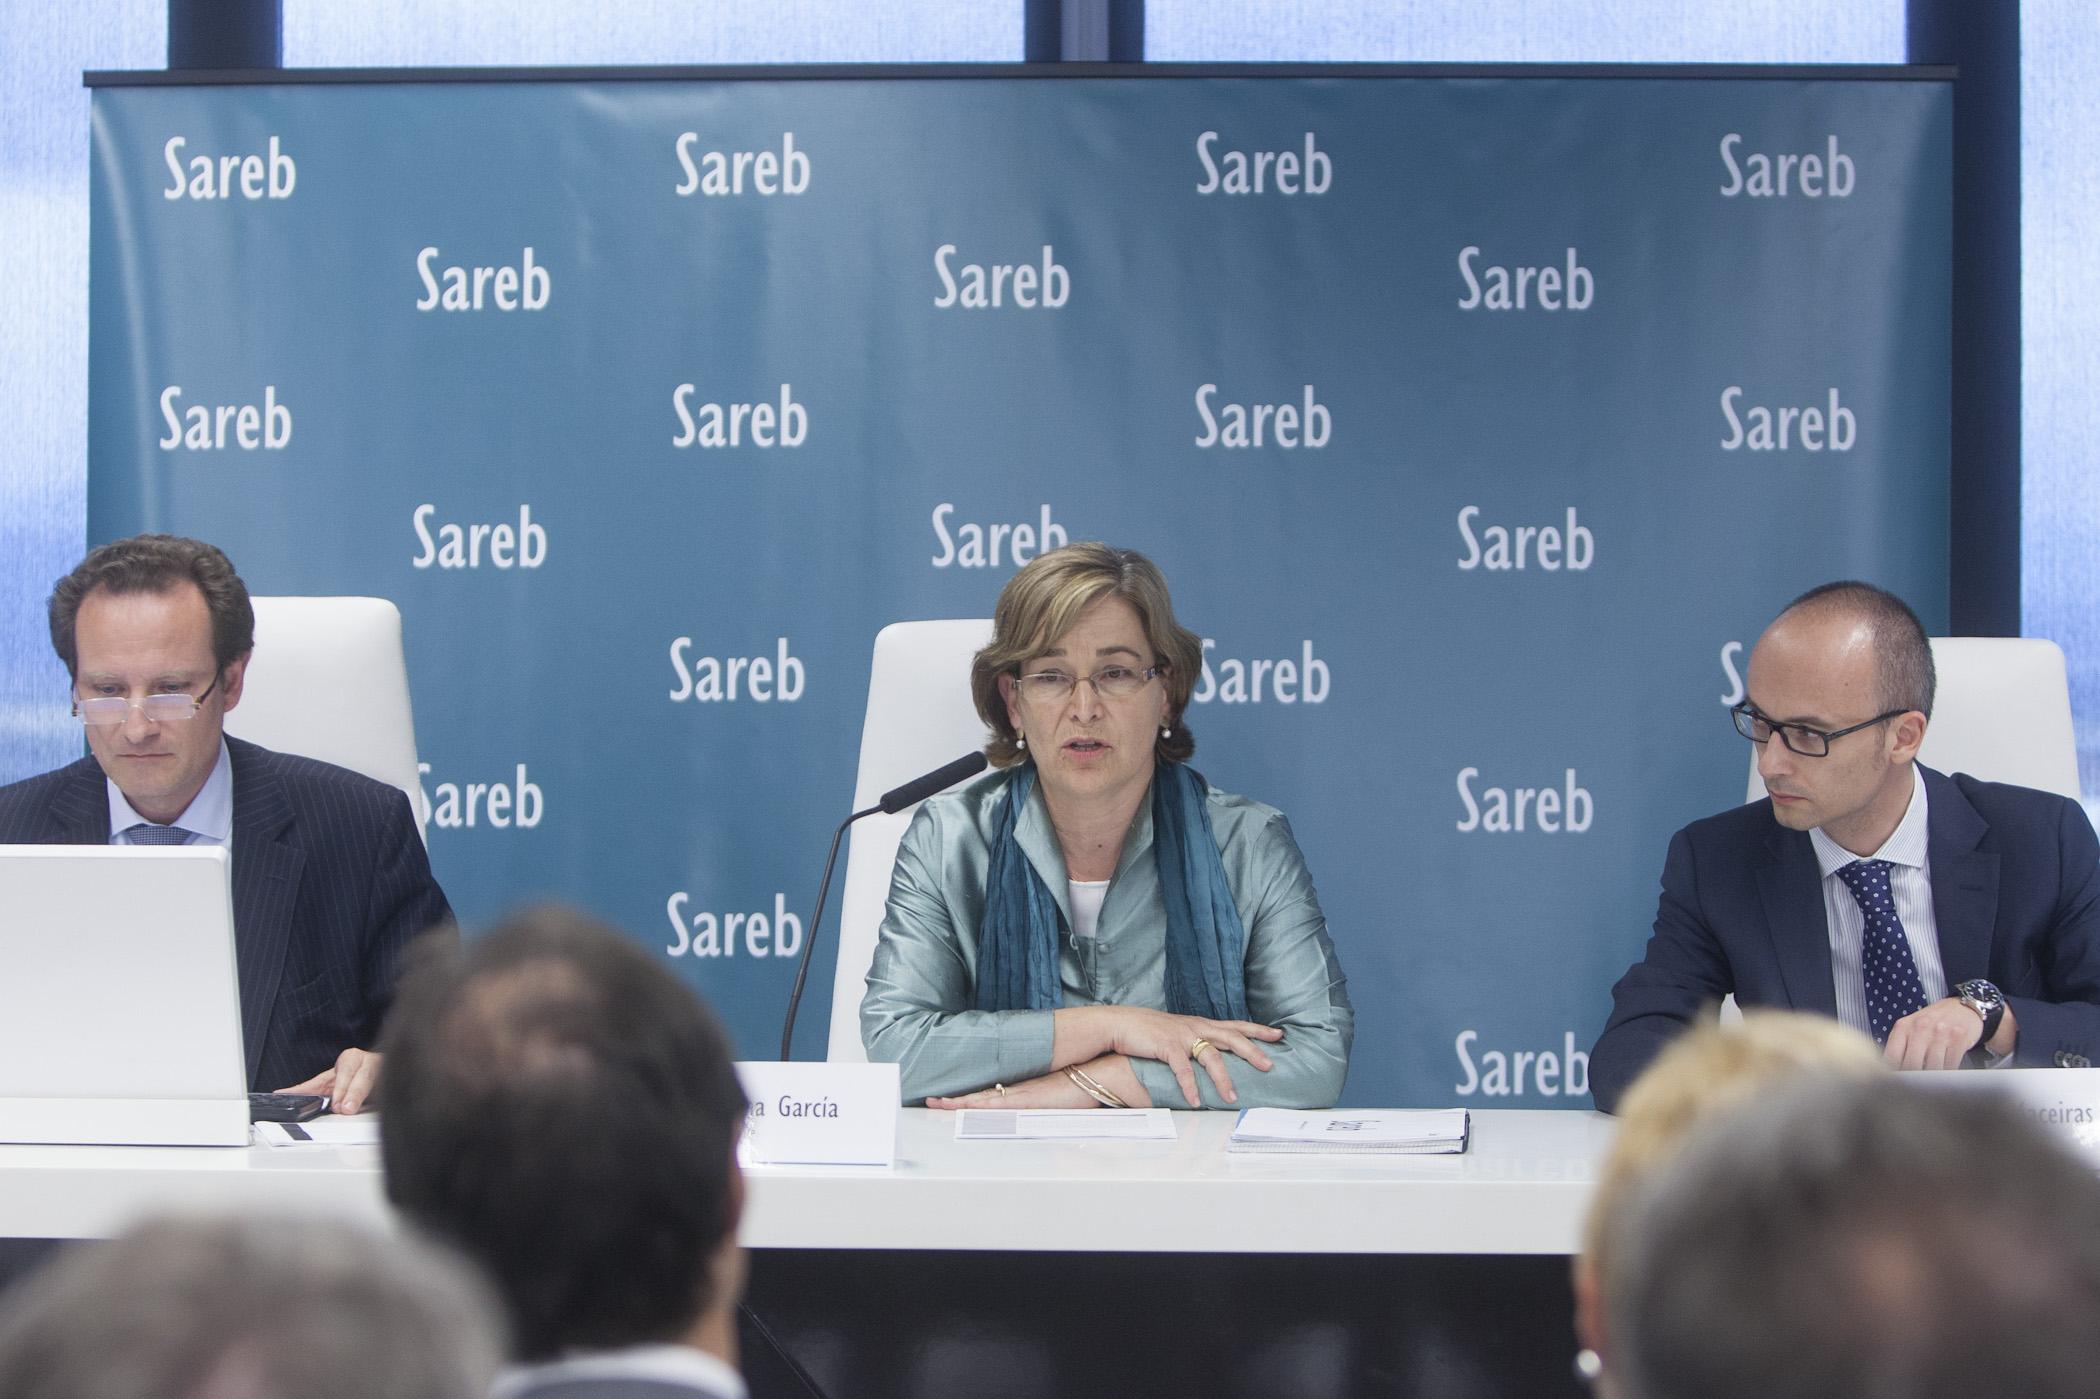 sareb ofrecerá primero activos no residenciales y luego viviendas